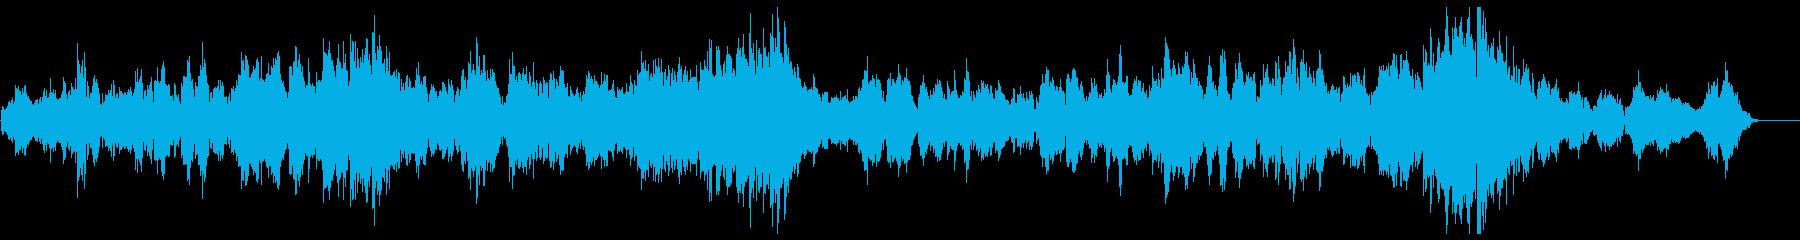 ラヴェル クープランの墓1 プレリュードの再生済みの波形